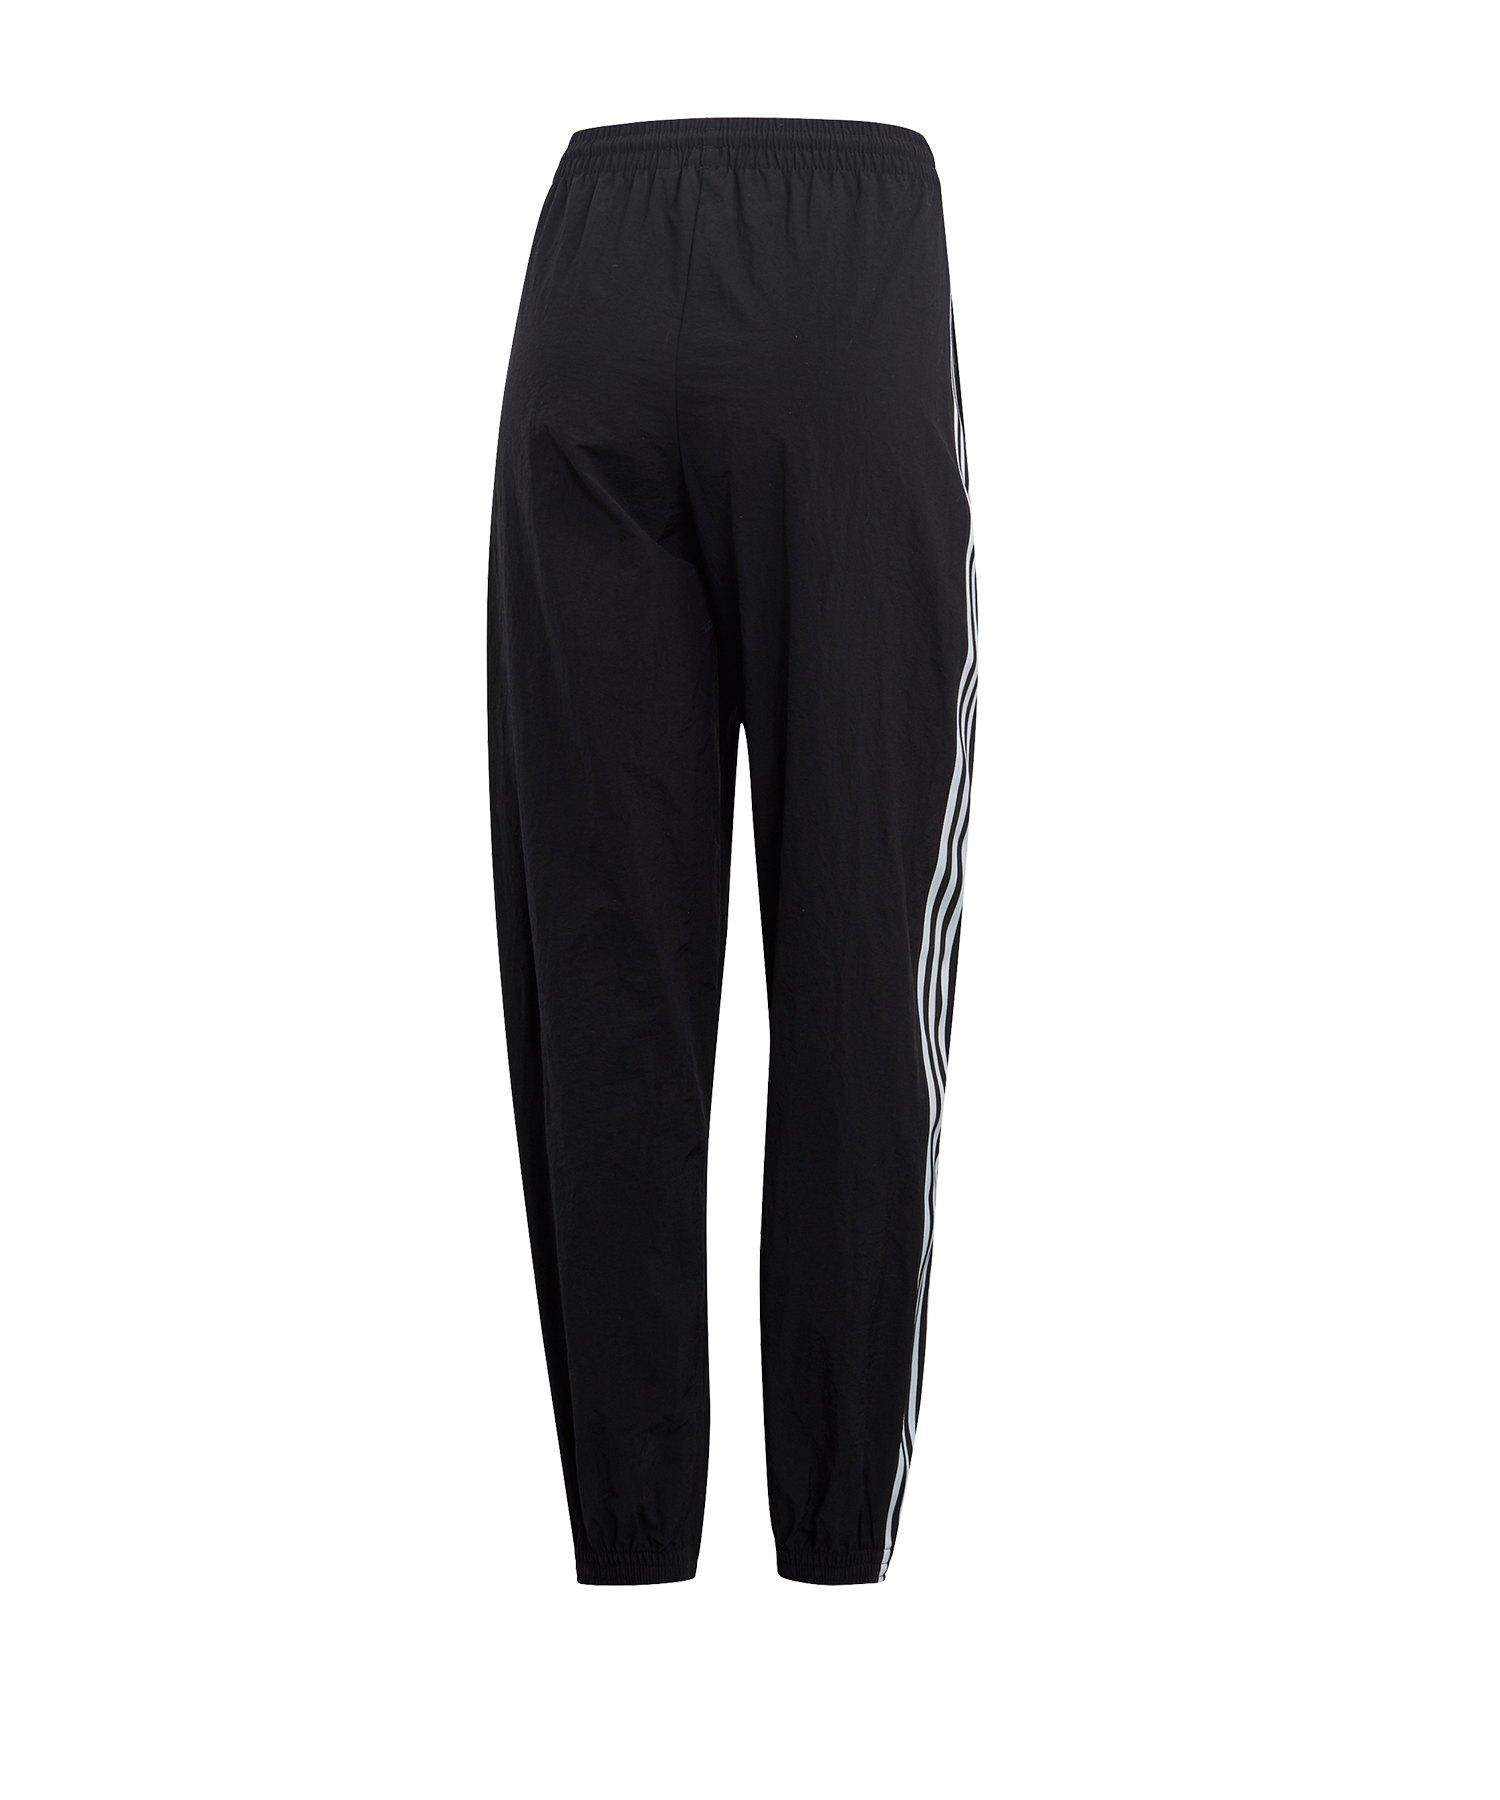 gut aus x Bestbewertete Mode auf Lager adidas Originals Lock Up Tp Hose Damen Schwarz